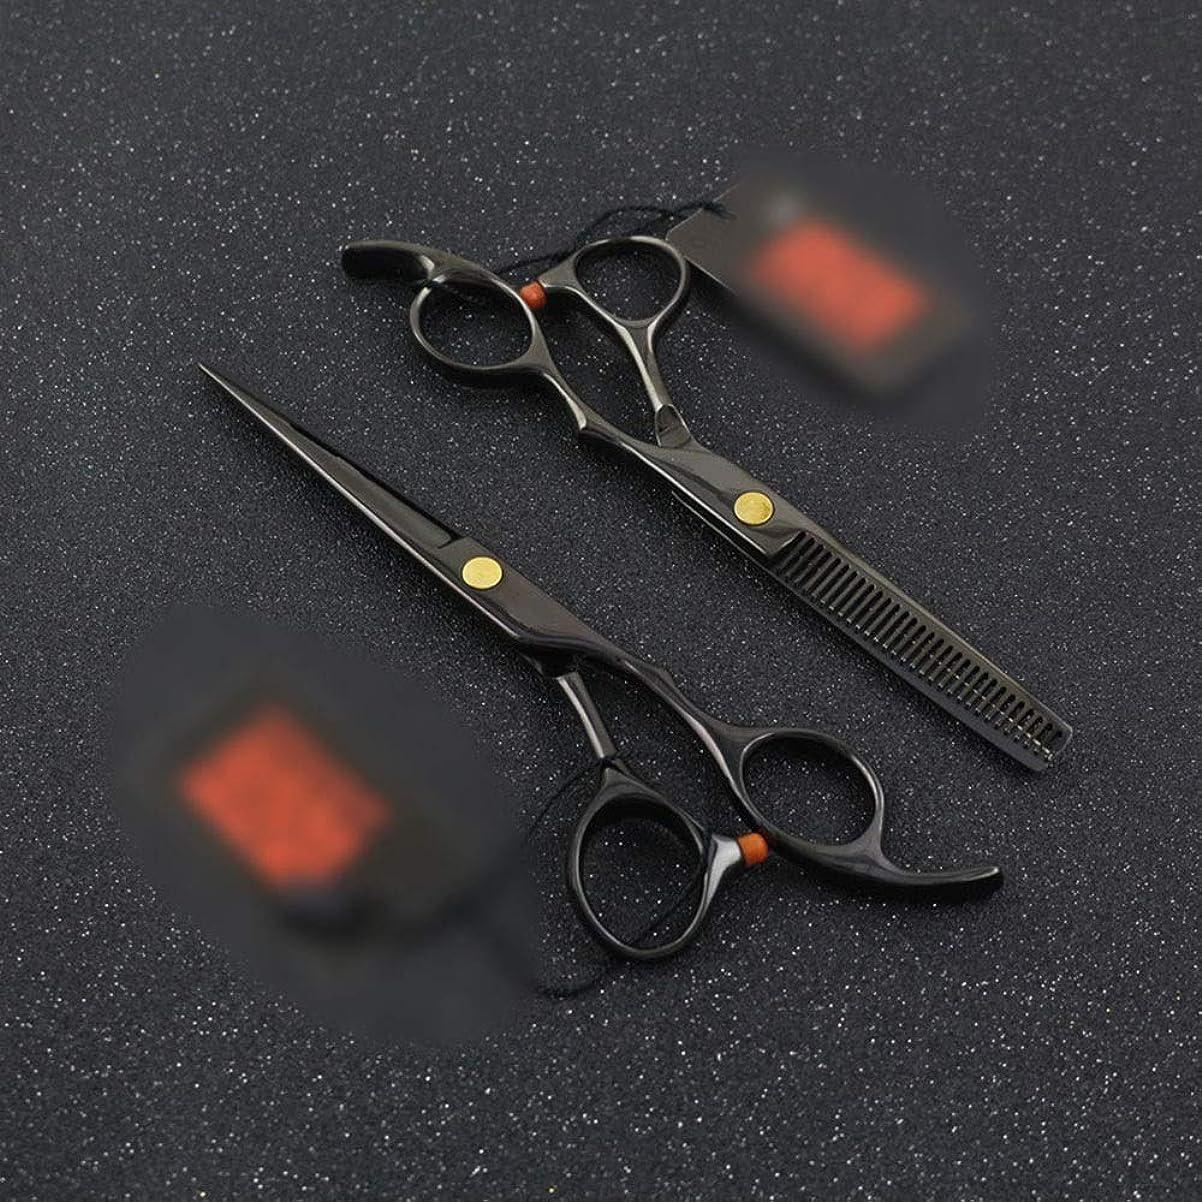 研究プレビュー衝突6.0インチ黒はさみ、平はさみ+歯せん断理髪はさみツール モデリングツール (色 : 黒)